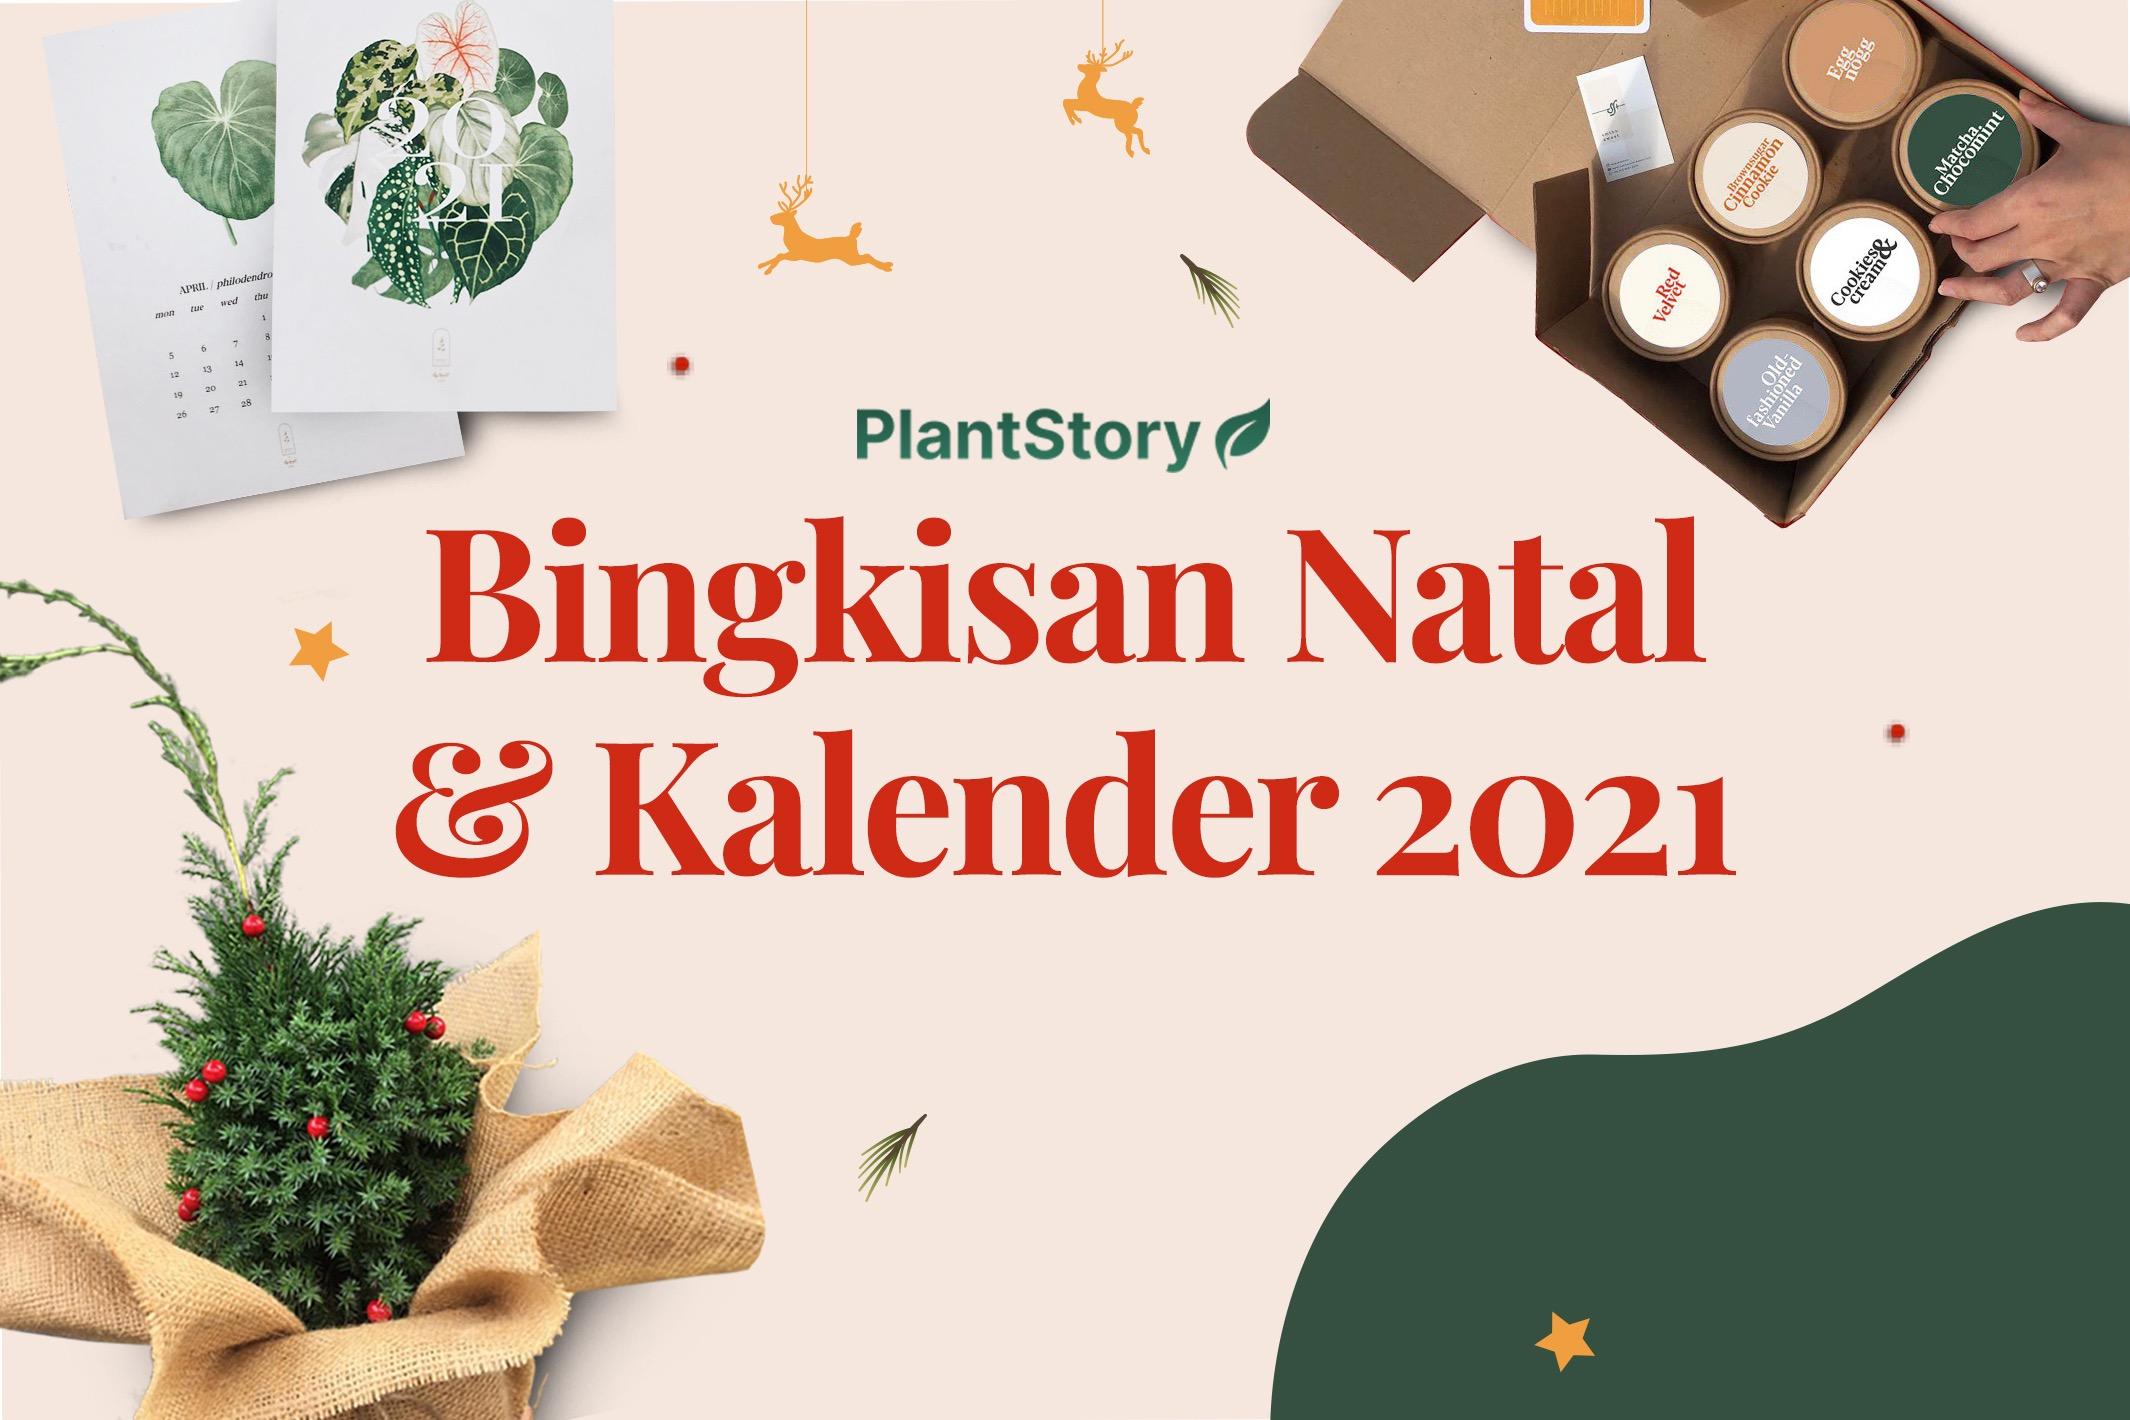 Bingkisan Natal & Kalender 2021